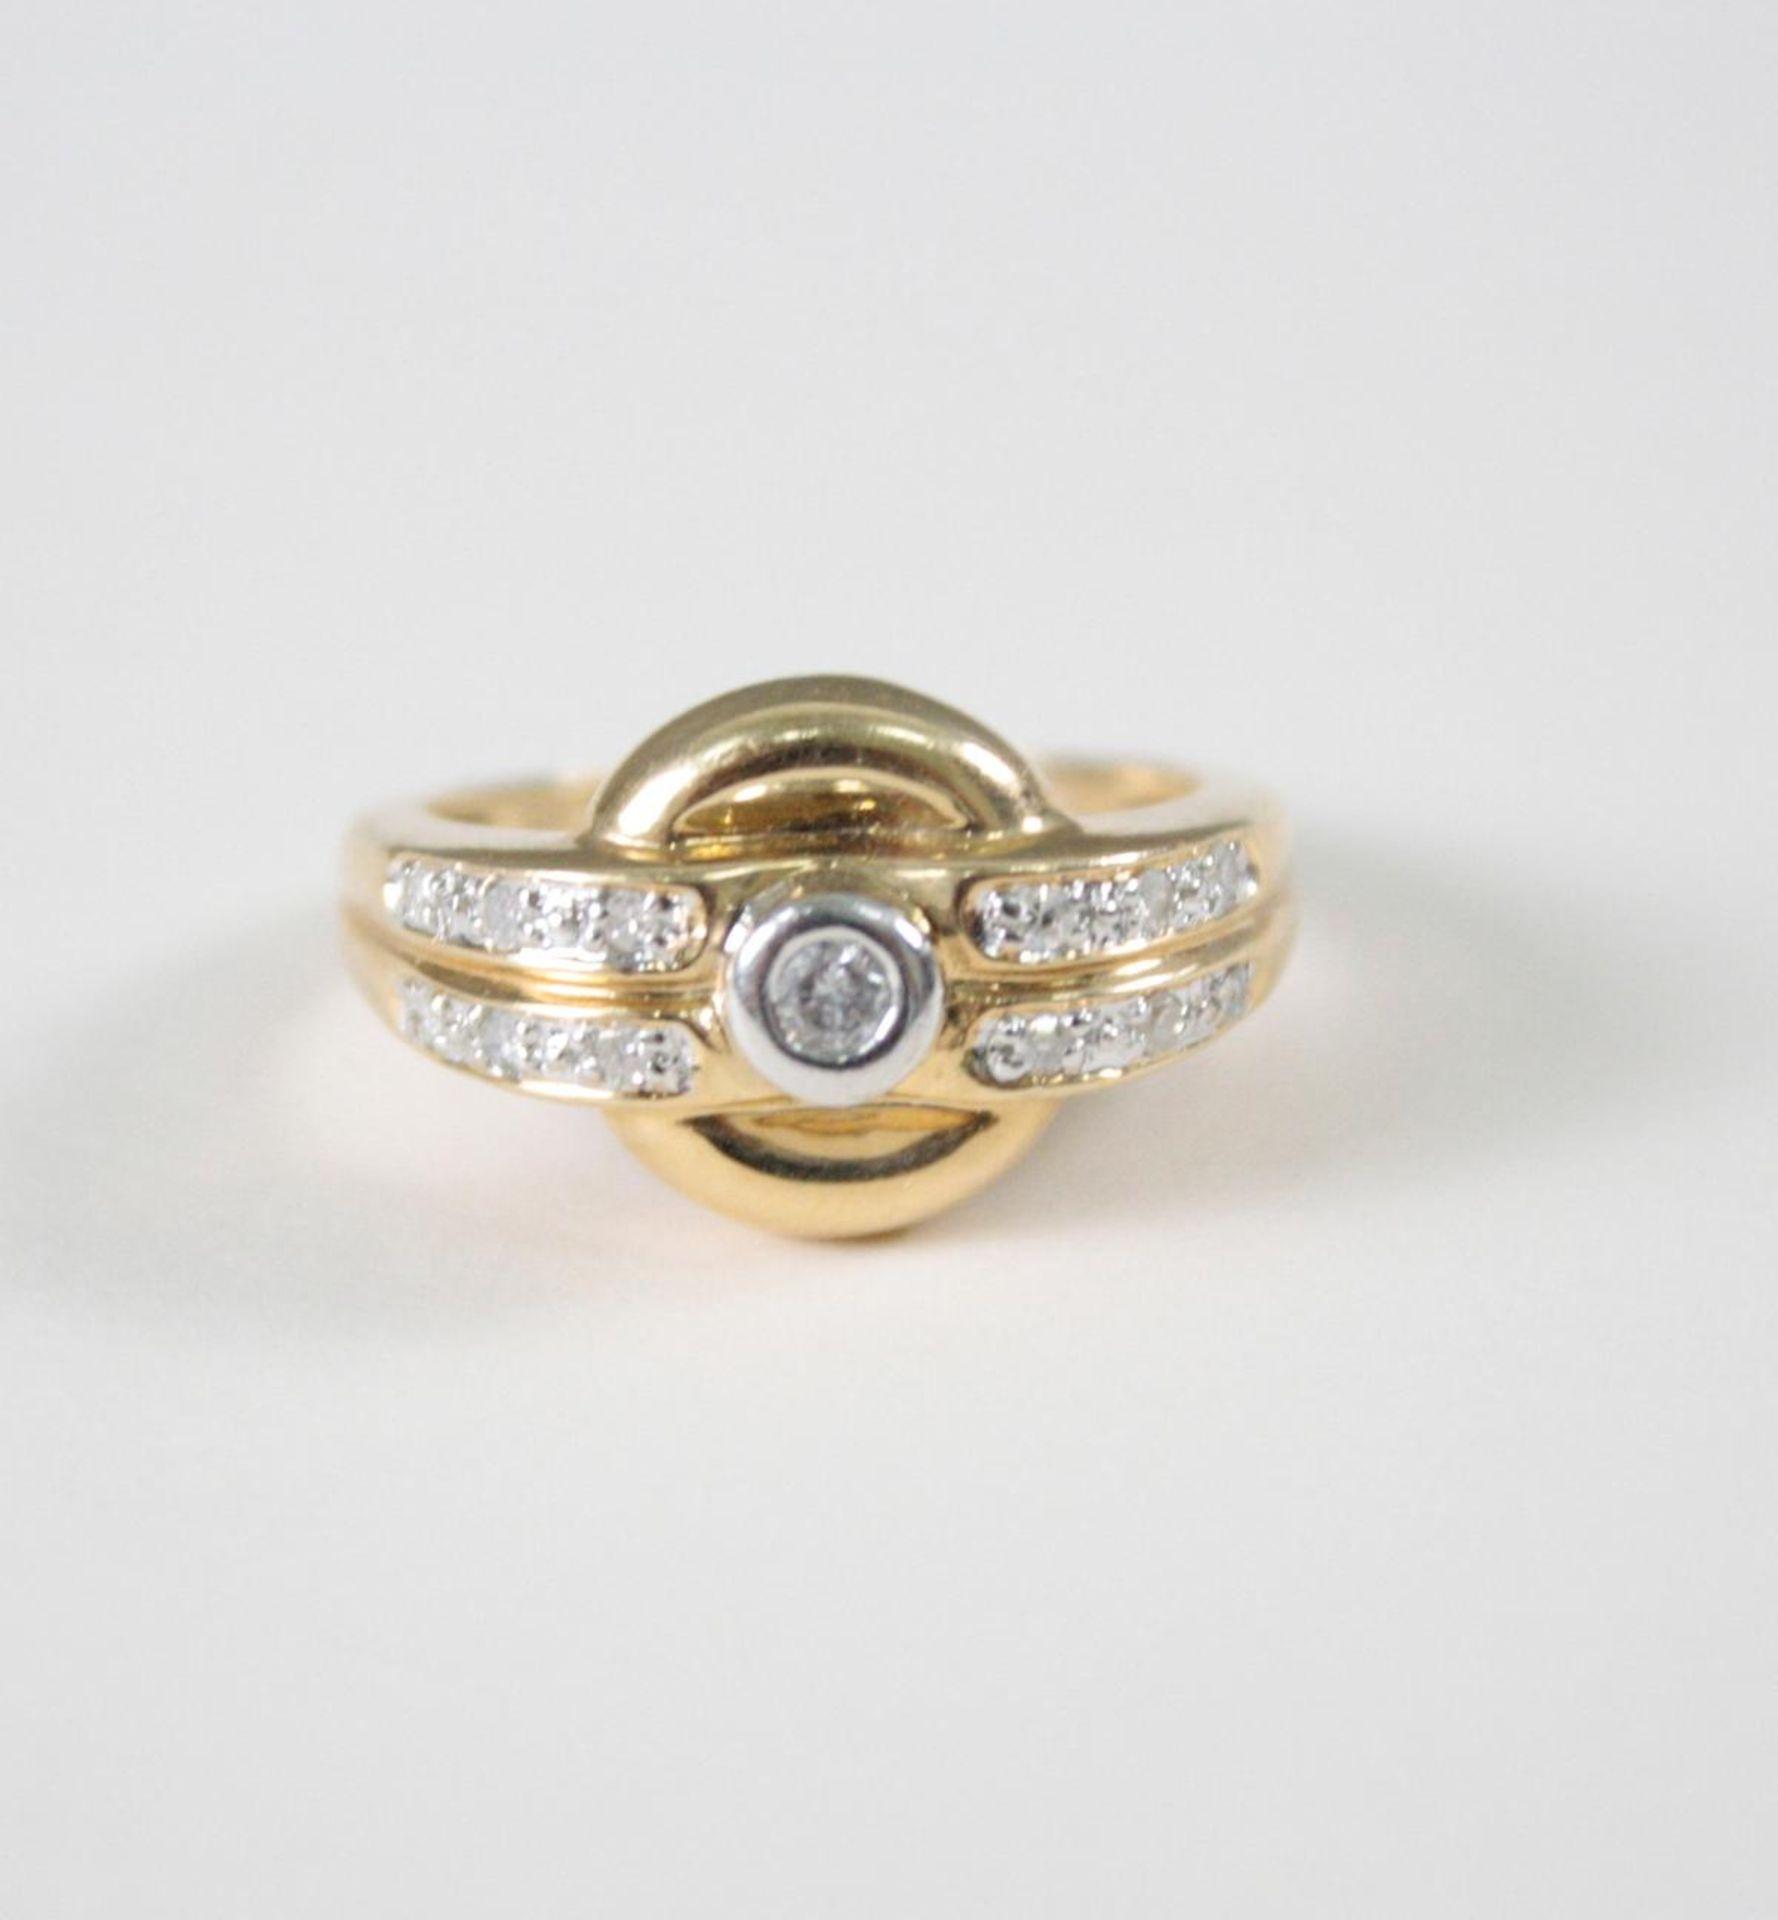 Damenring mit Diamanten, 14 Karat Gelbgold1 Diamant von ca. 0,05 Karat, 12 Diamanten von jeweils ca.